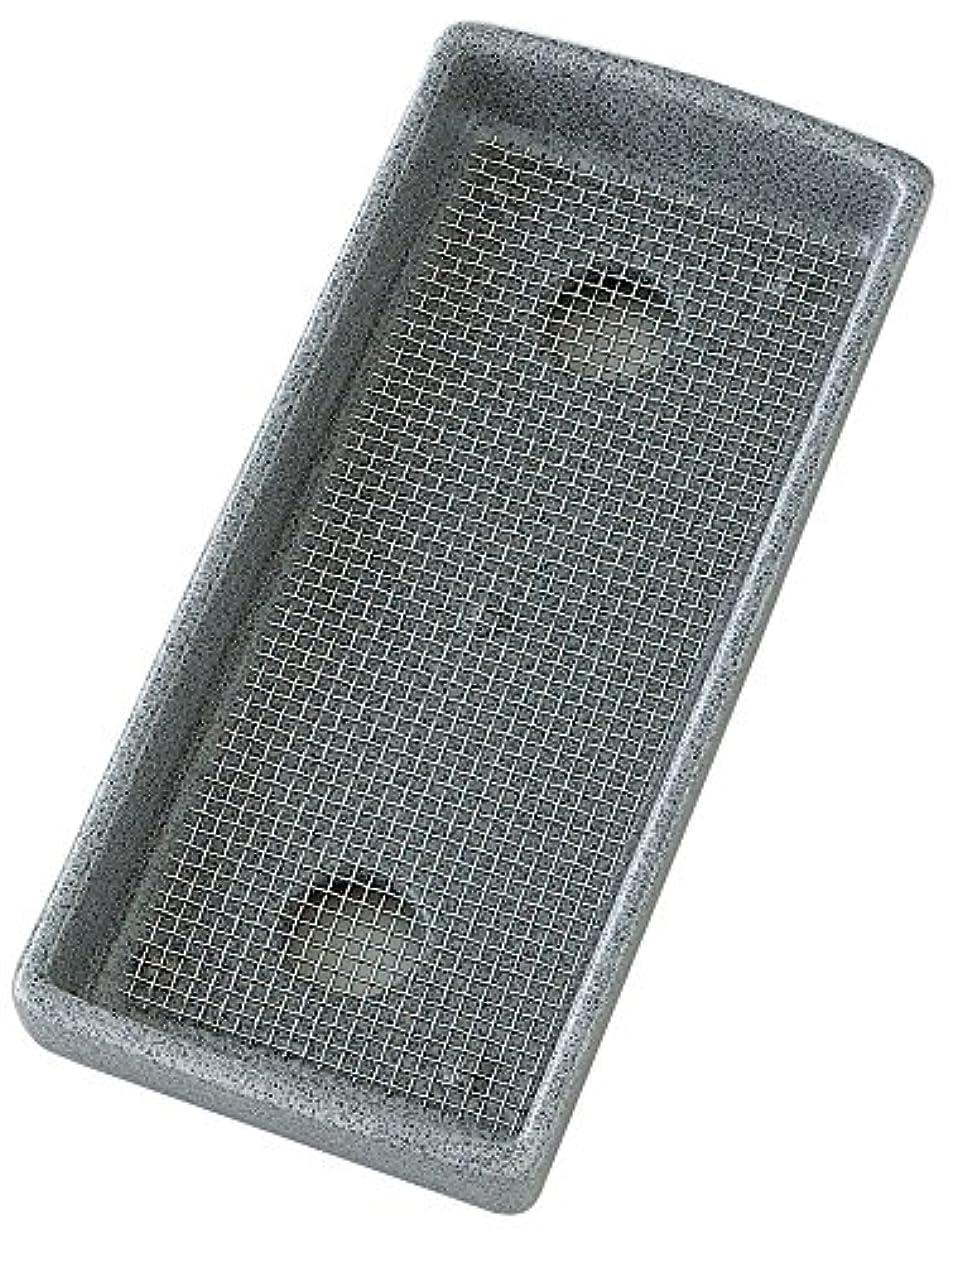 弁護王族縞模様のマルエス 線香皿 磁器製 寝かせ香皿